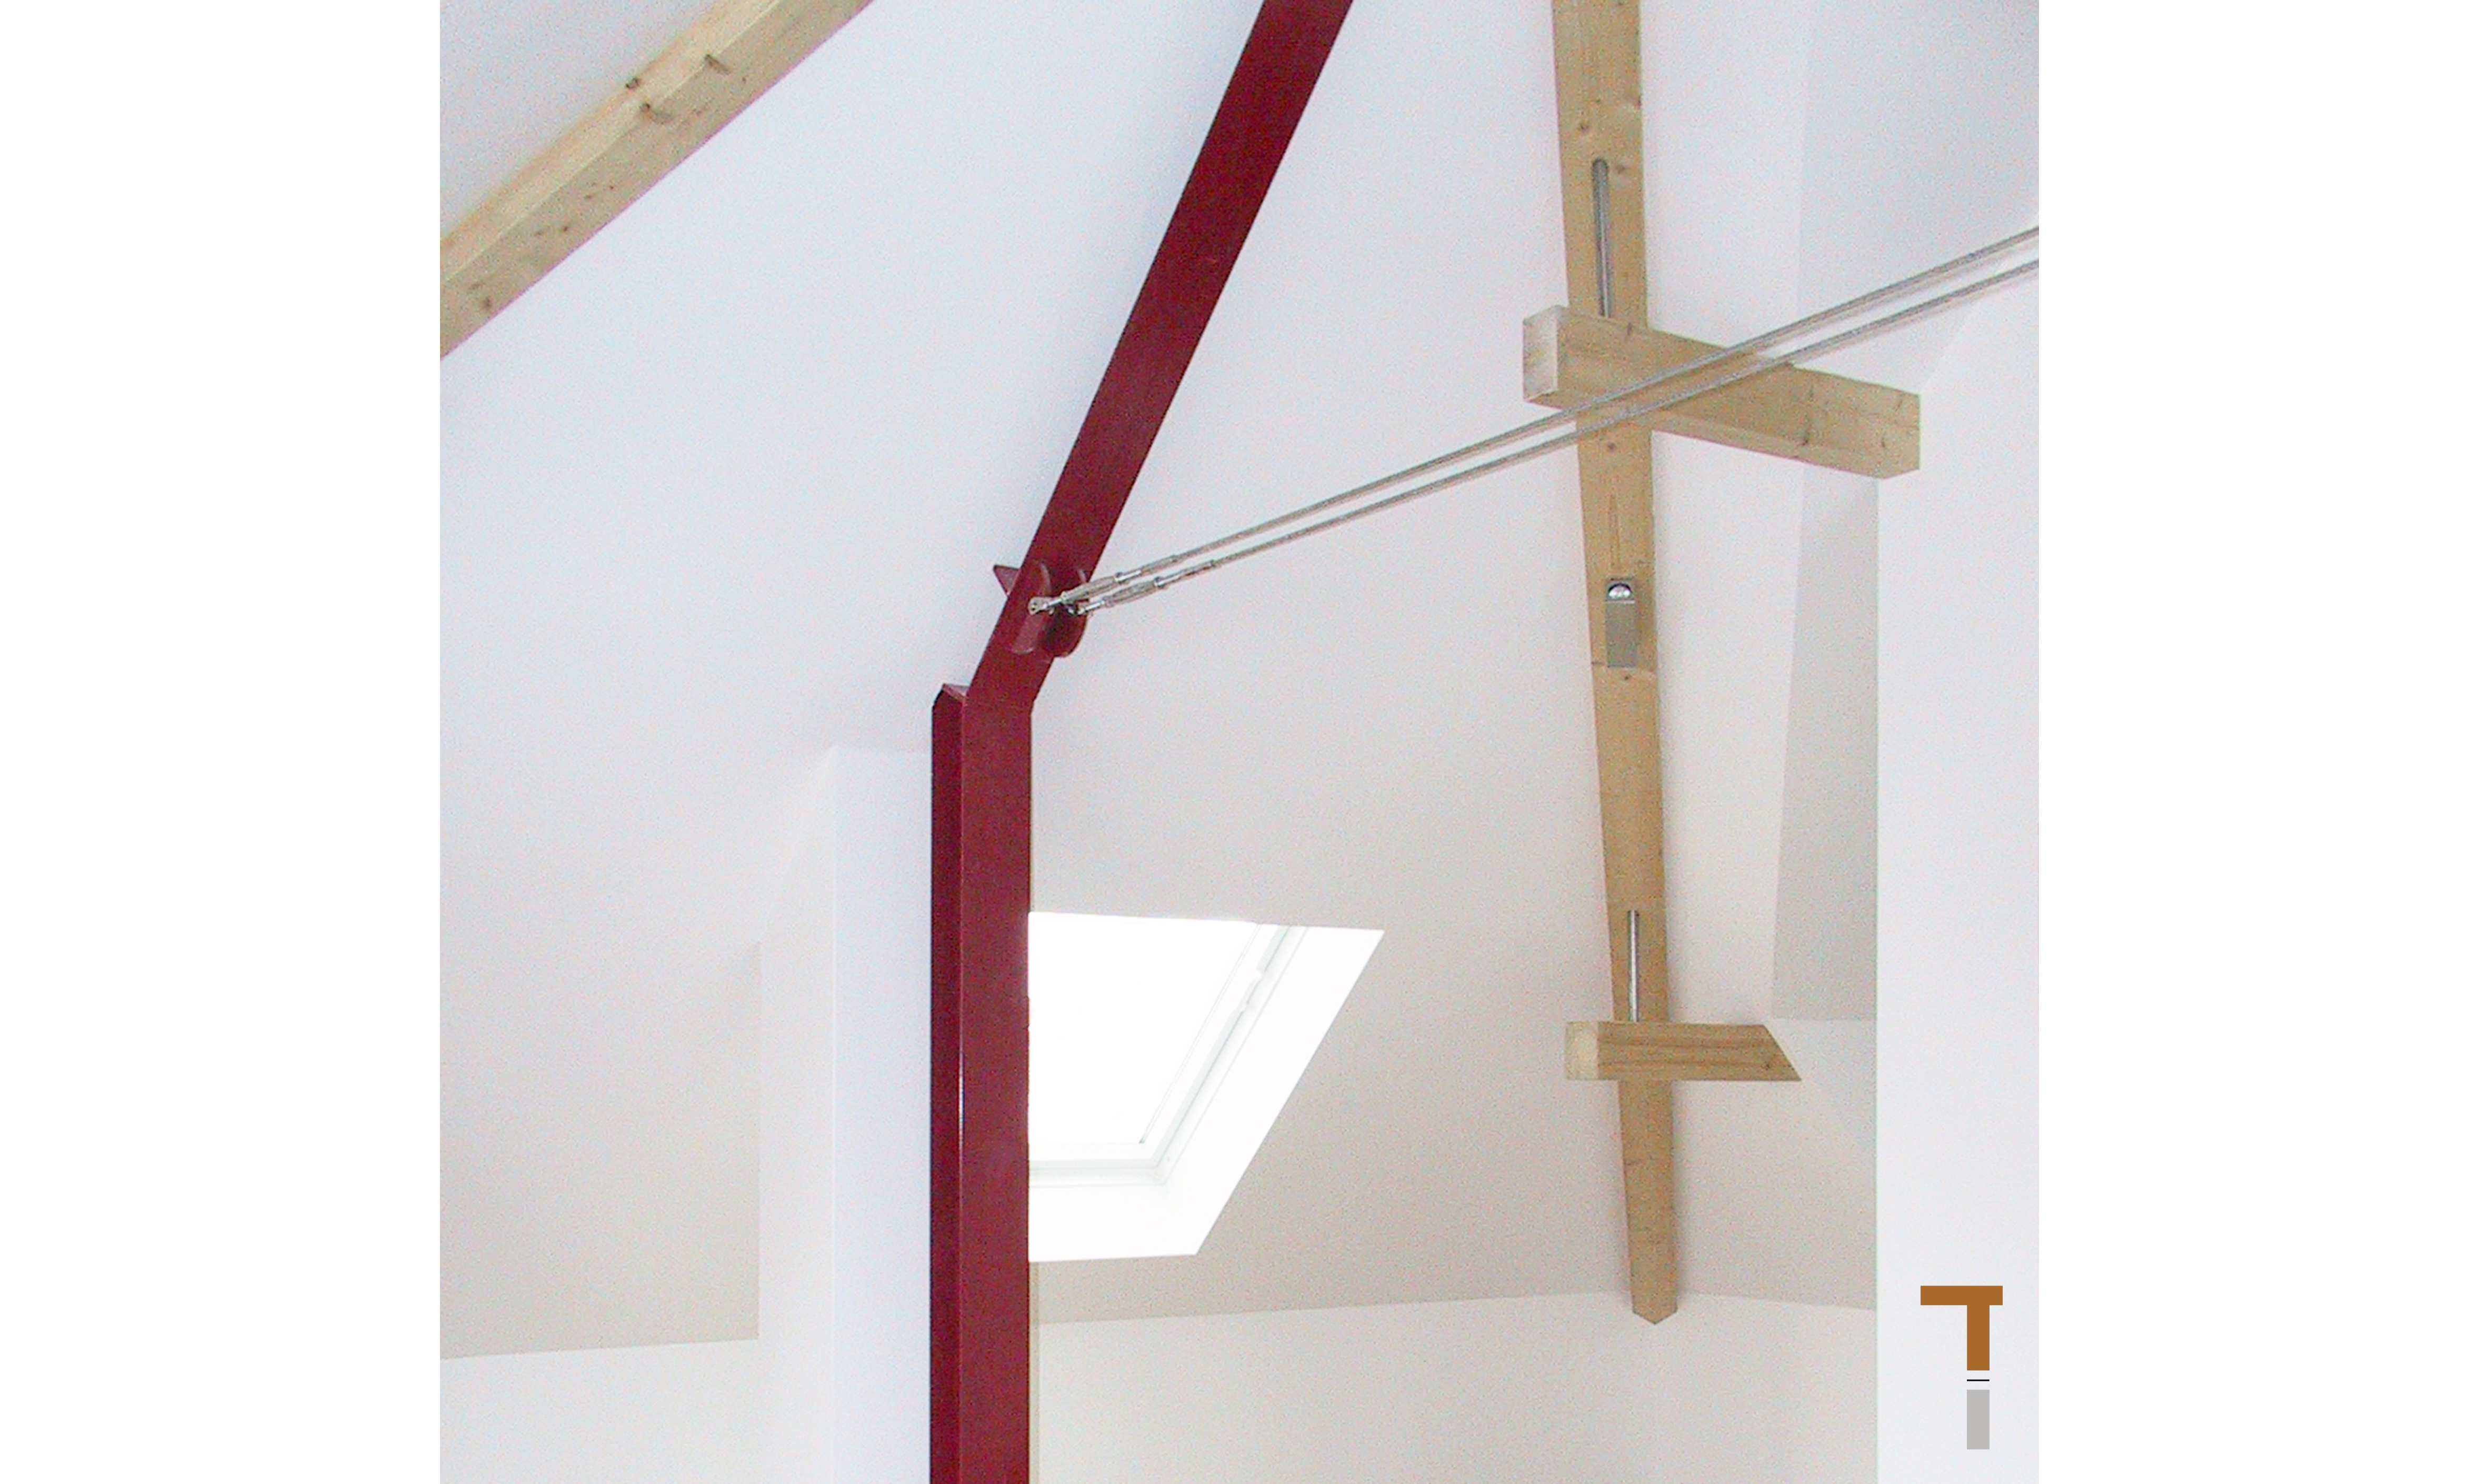 Dachgeschoss / Stahlkonstruktion